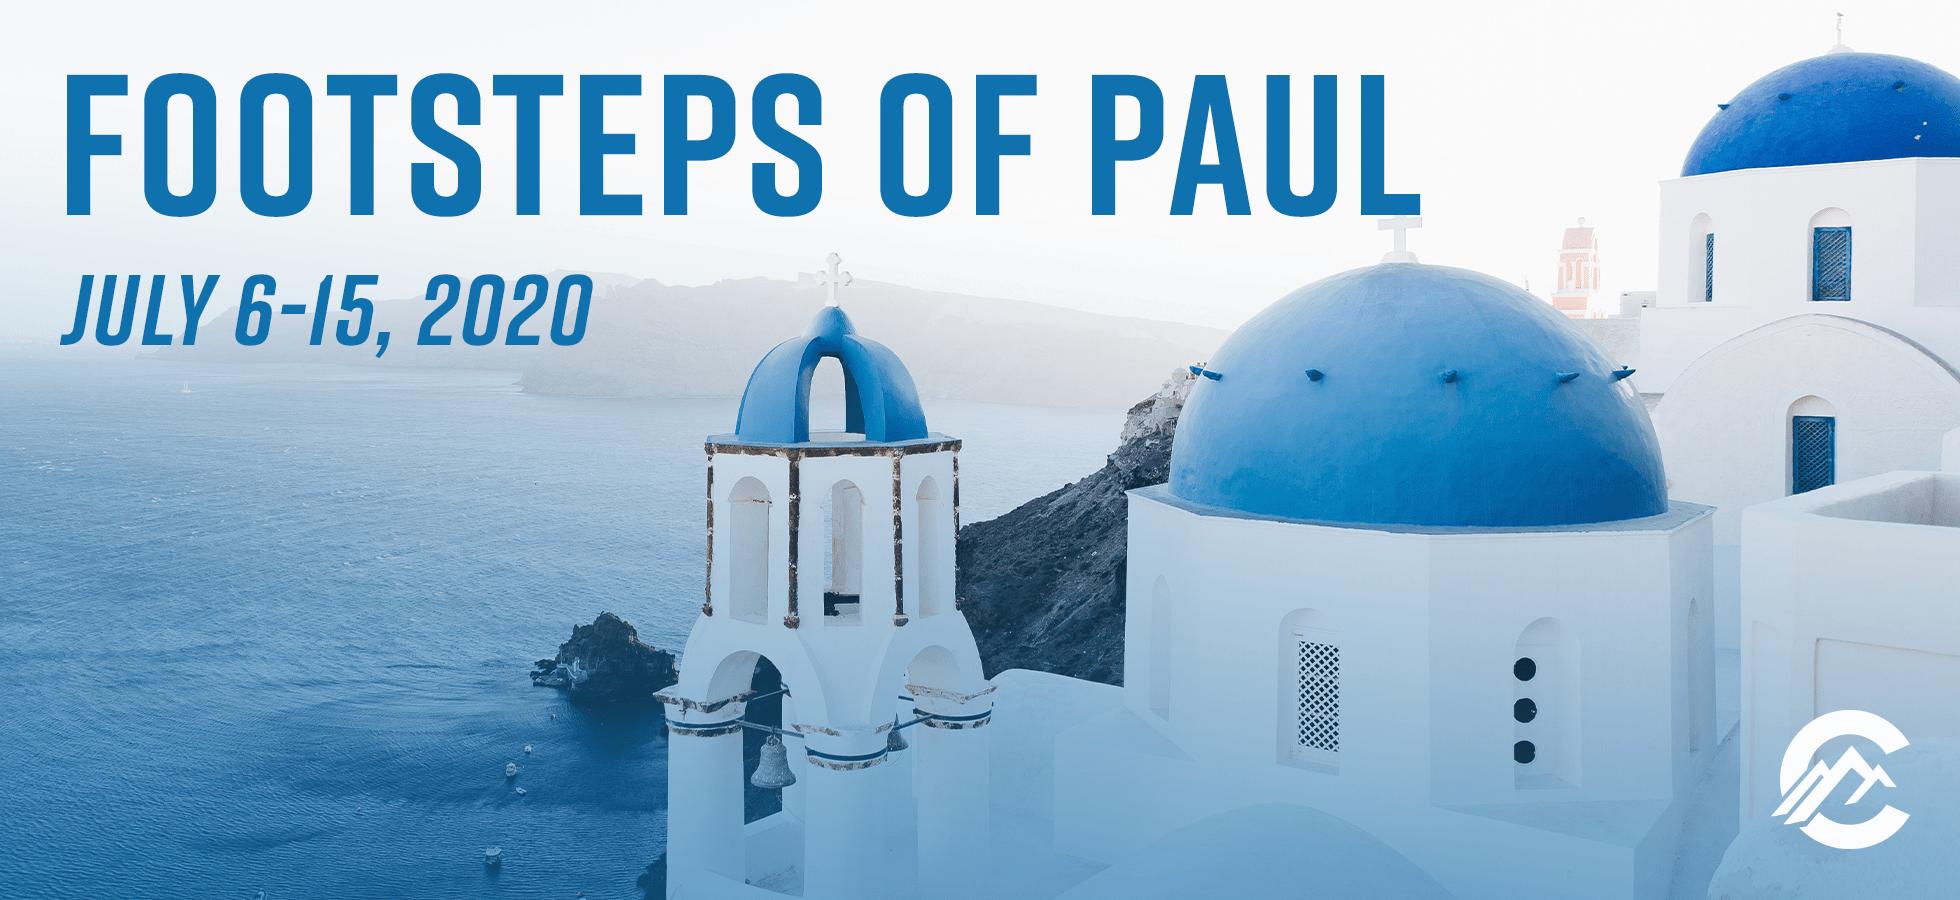 Footsteps of Paul